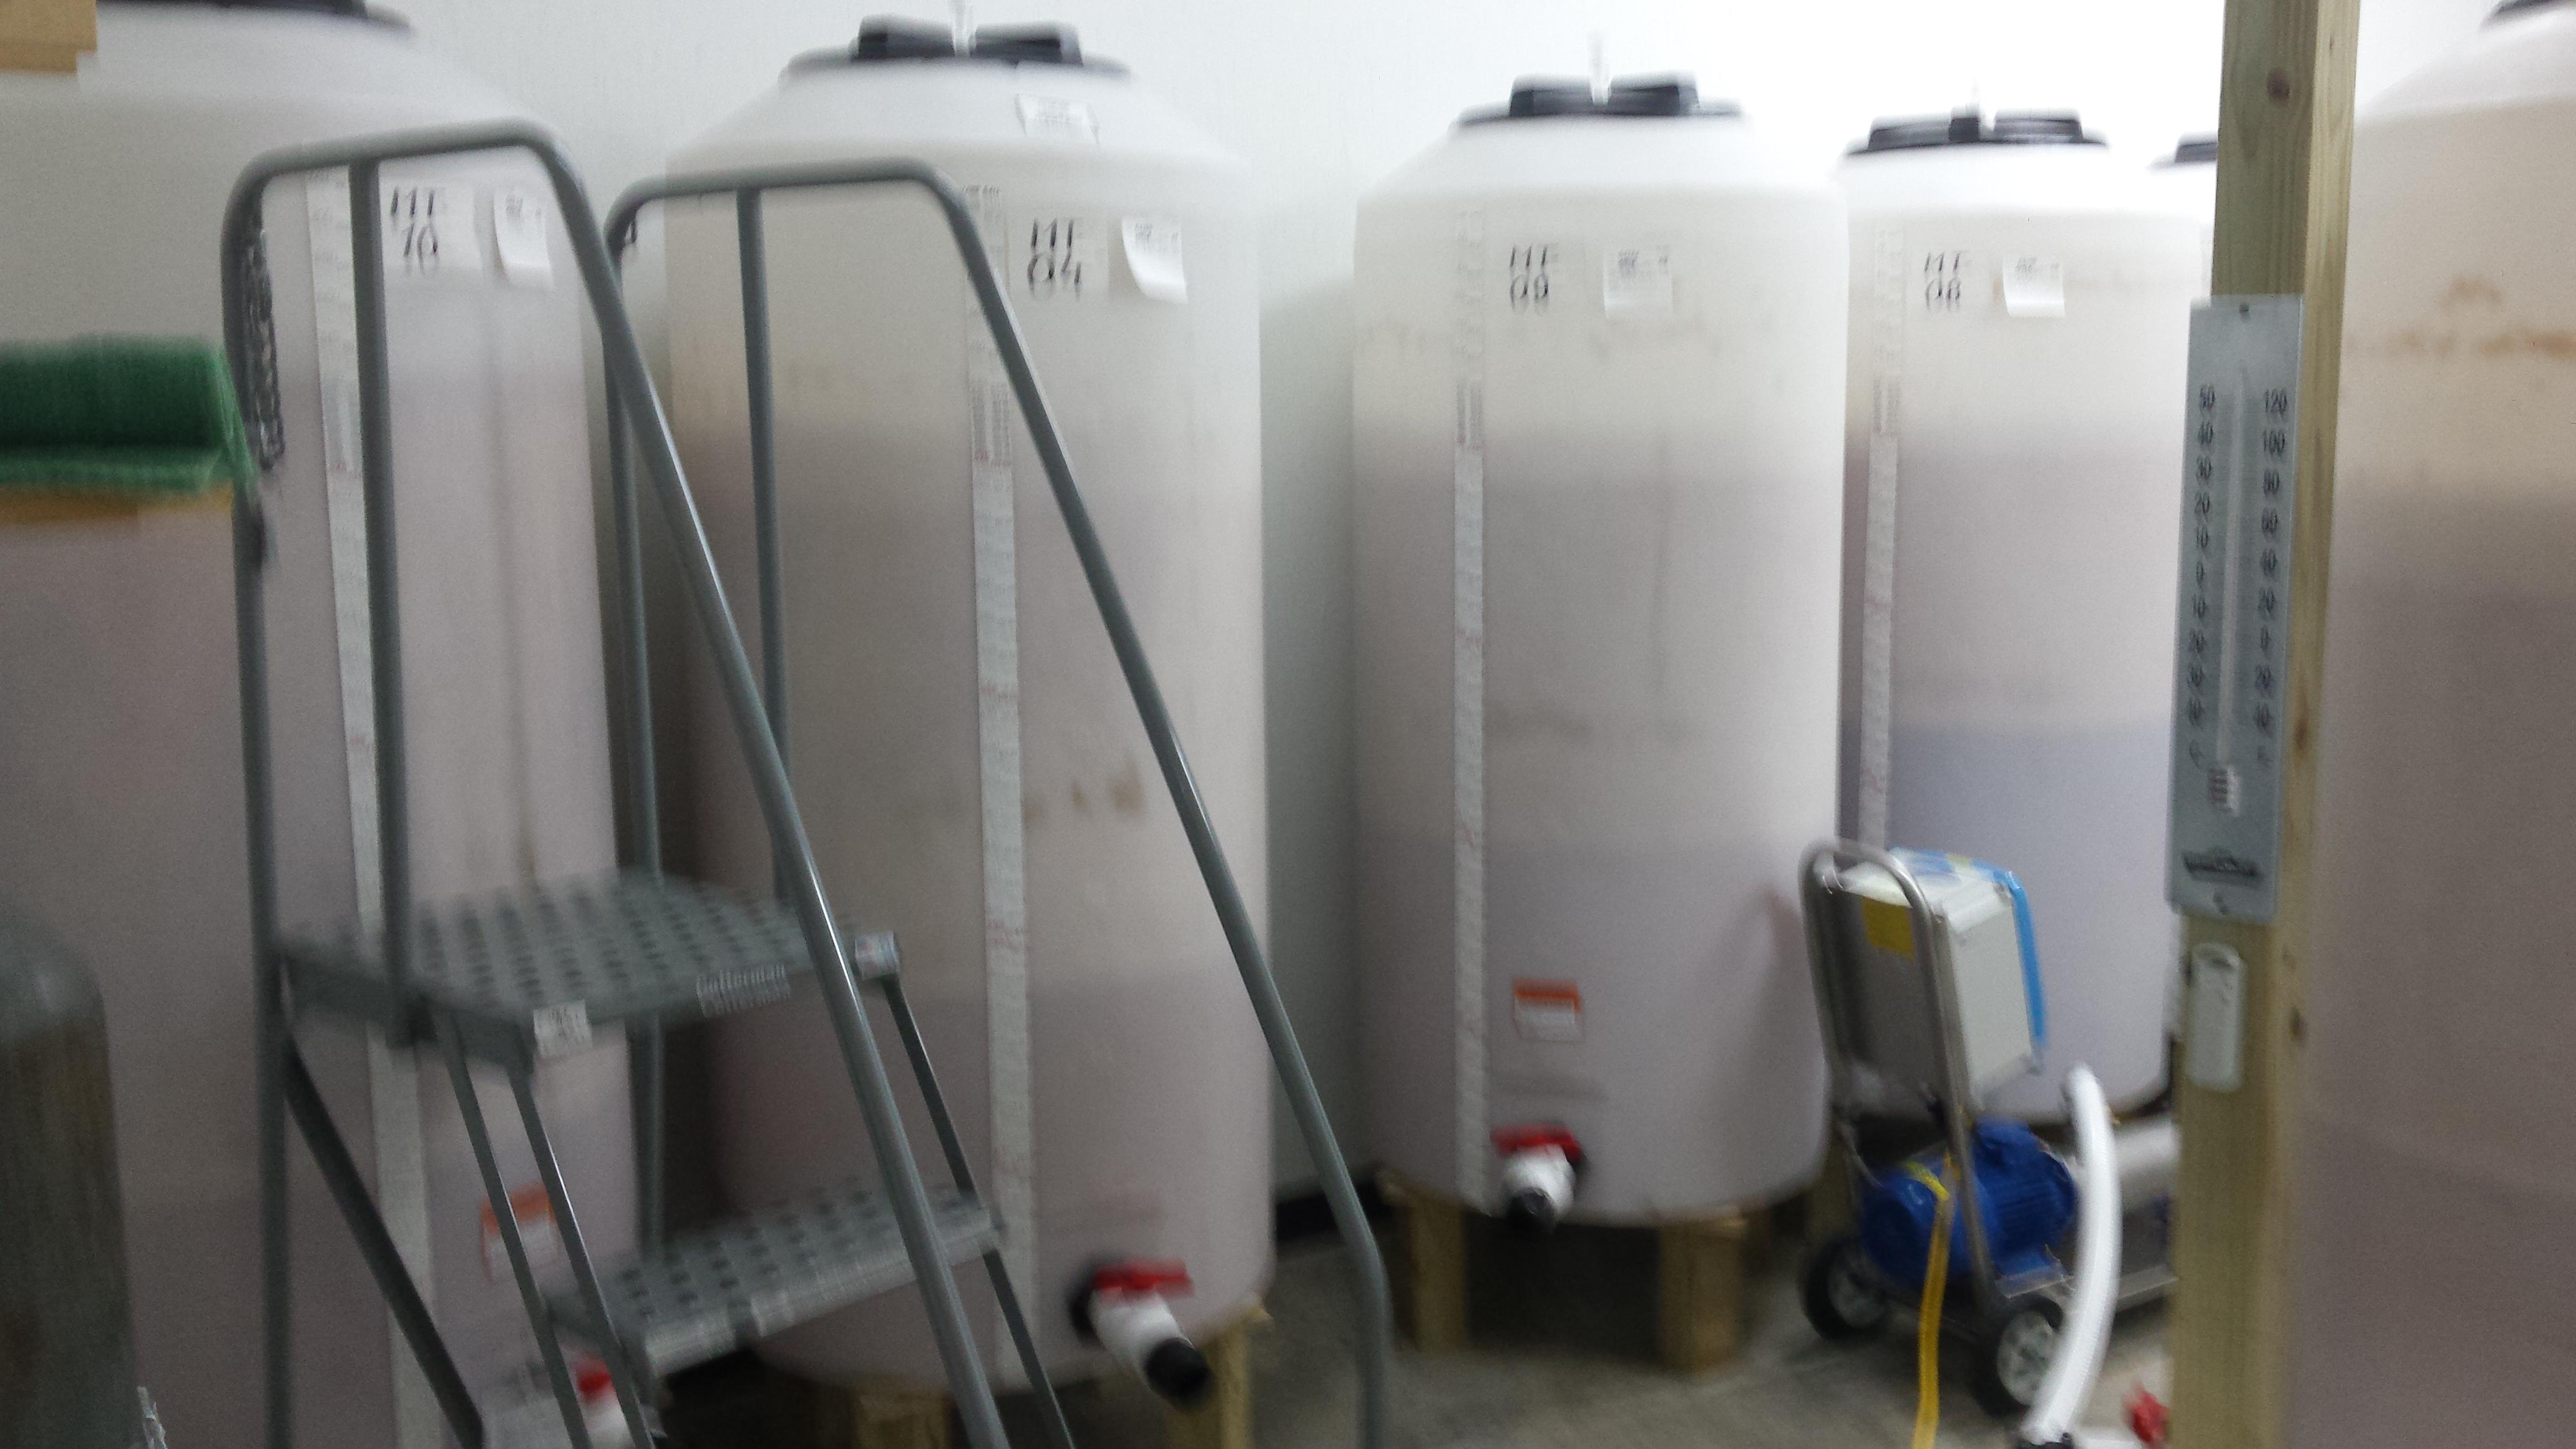 Mash is fermenting